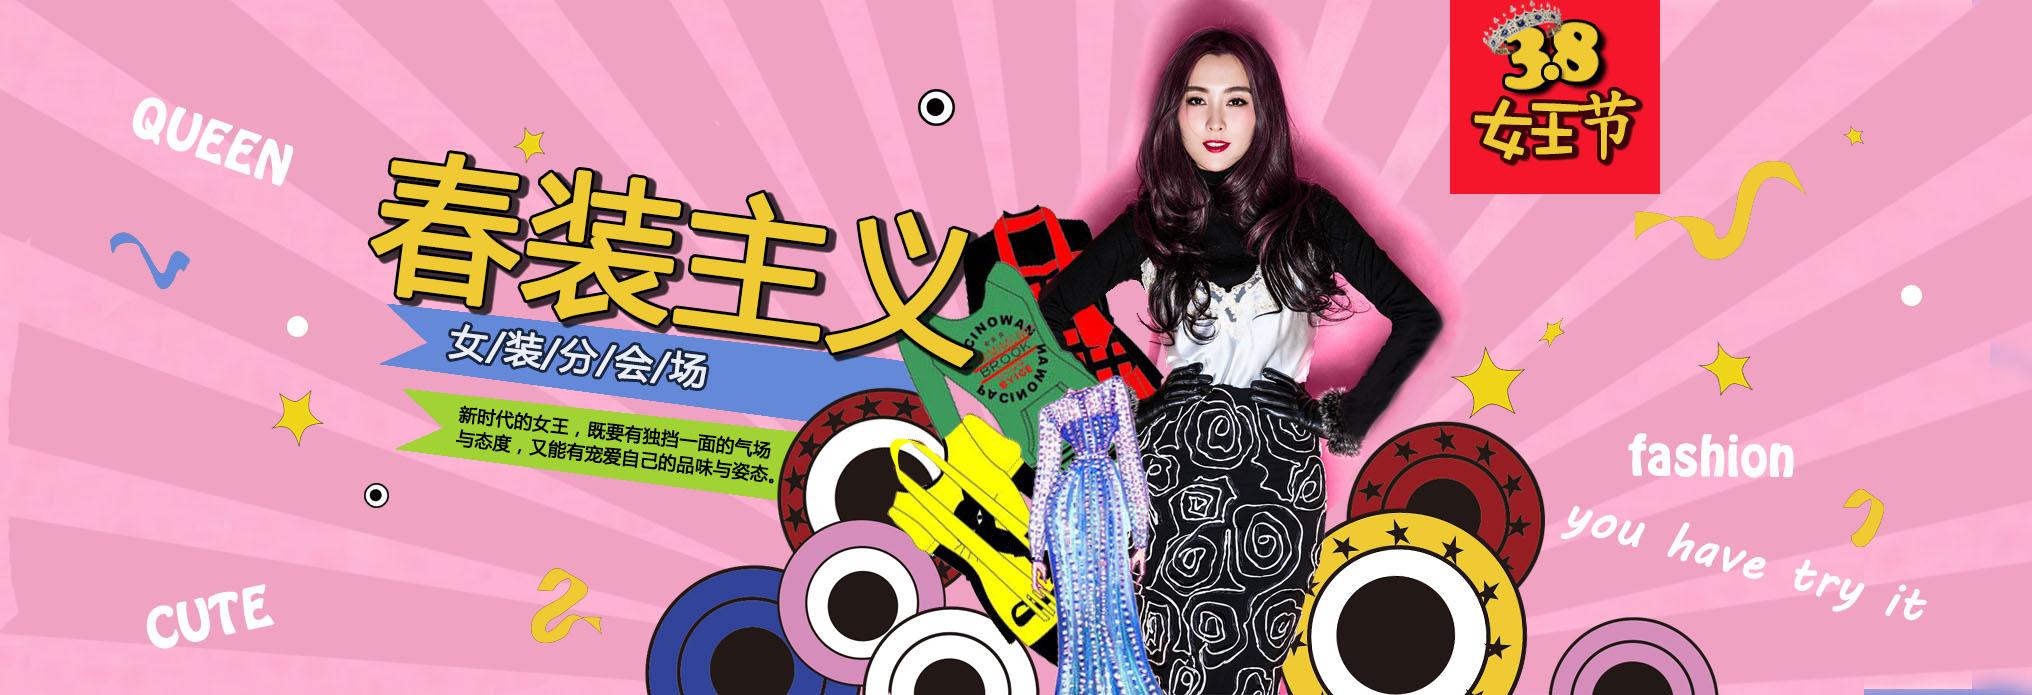 服装促销——banner